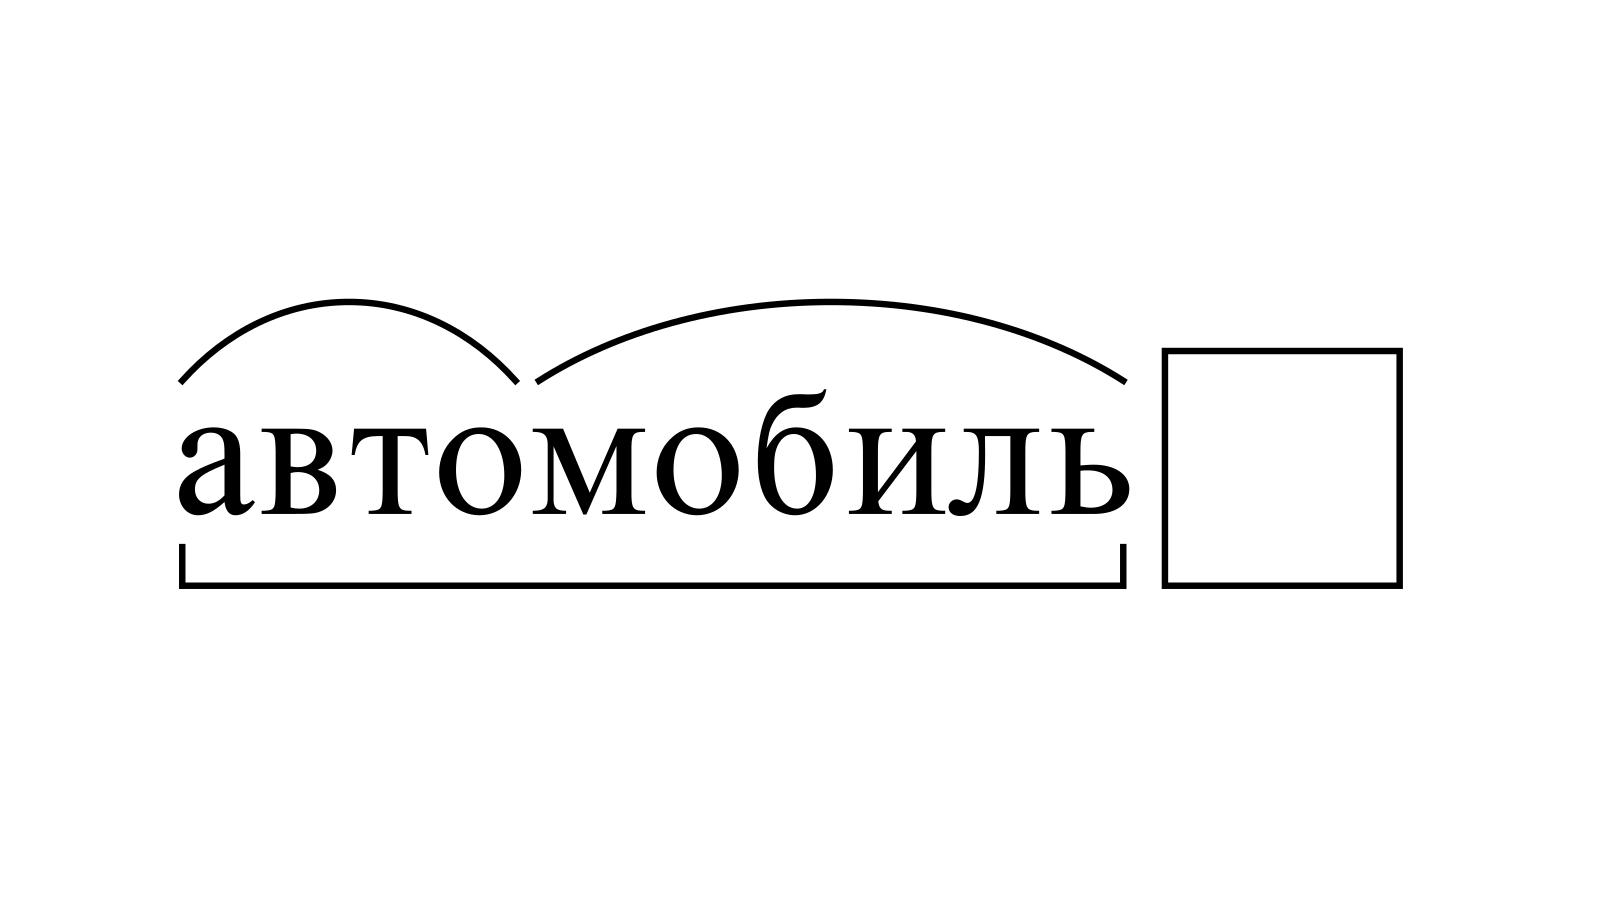 Разбор слова «автомобиль» по составу